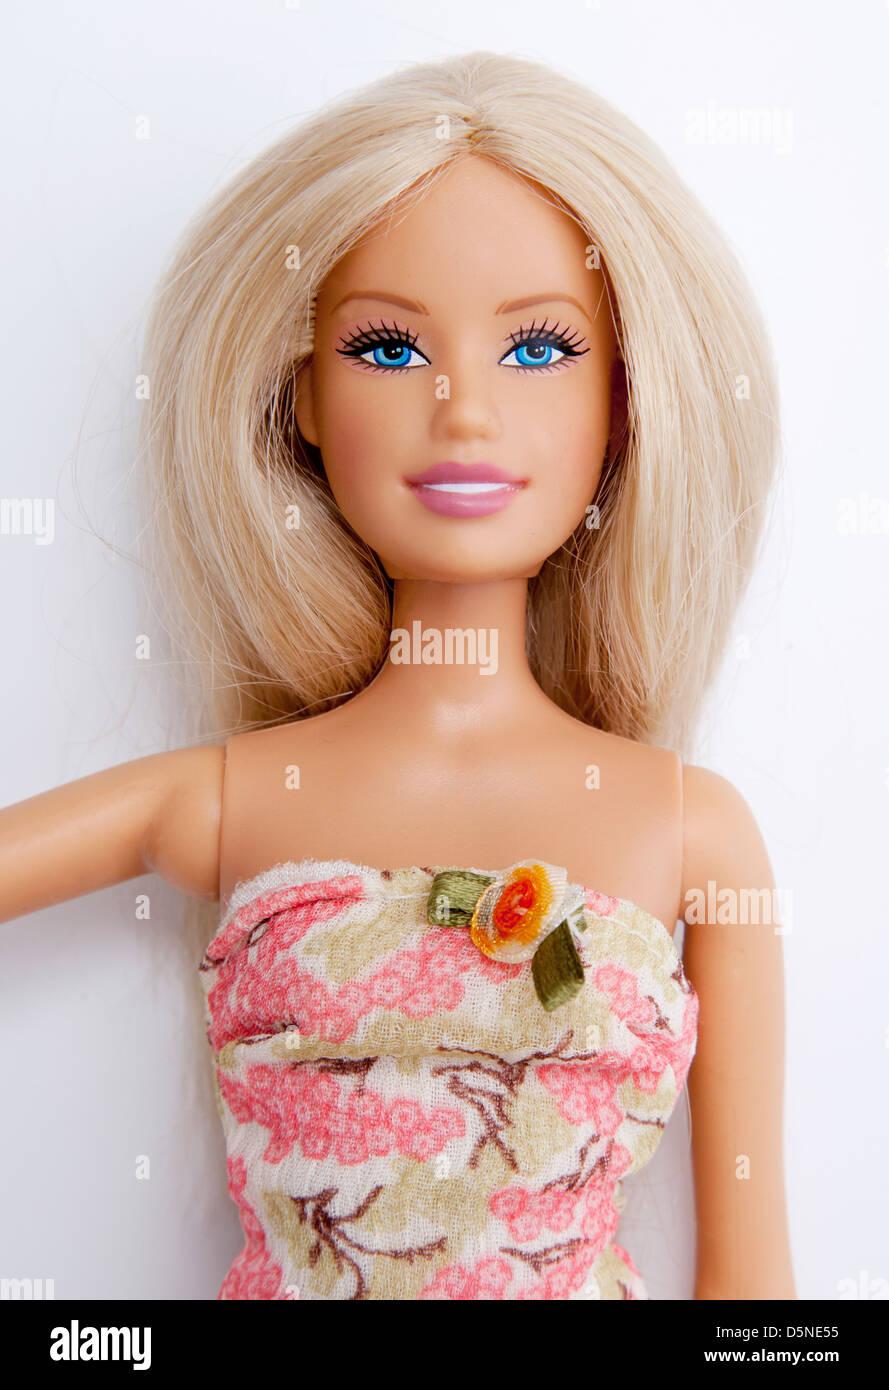 Barbie Stockfotos & Barbie Bilder - Alamy